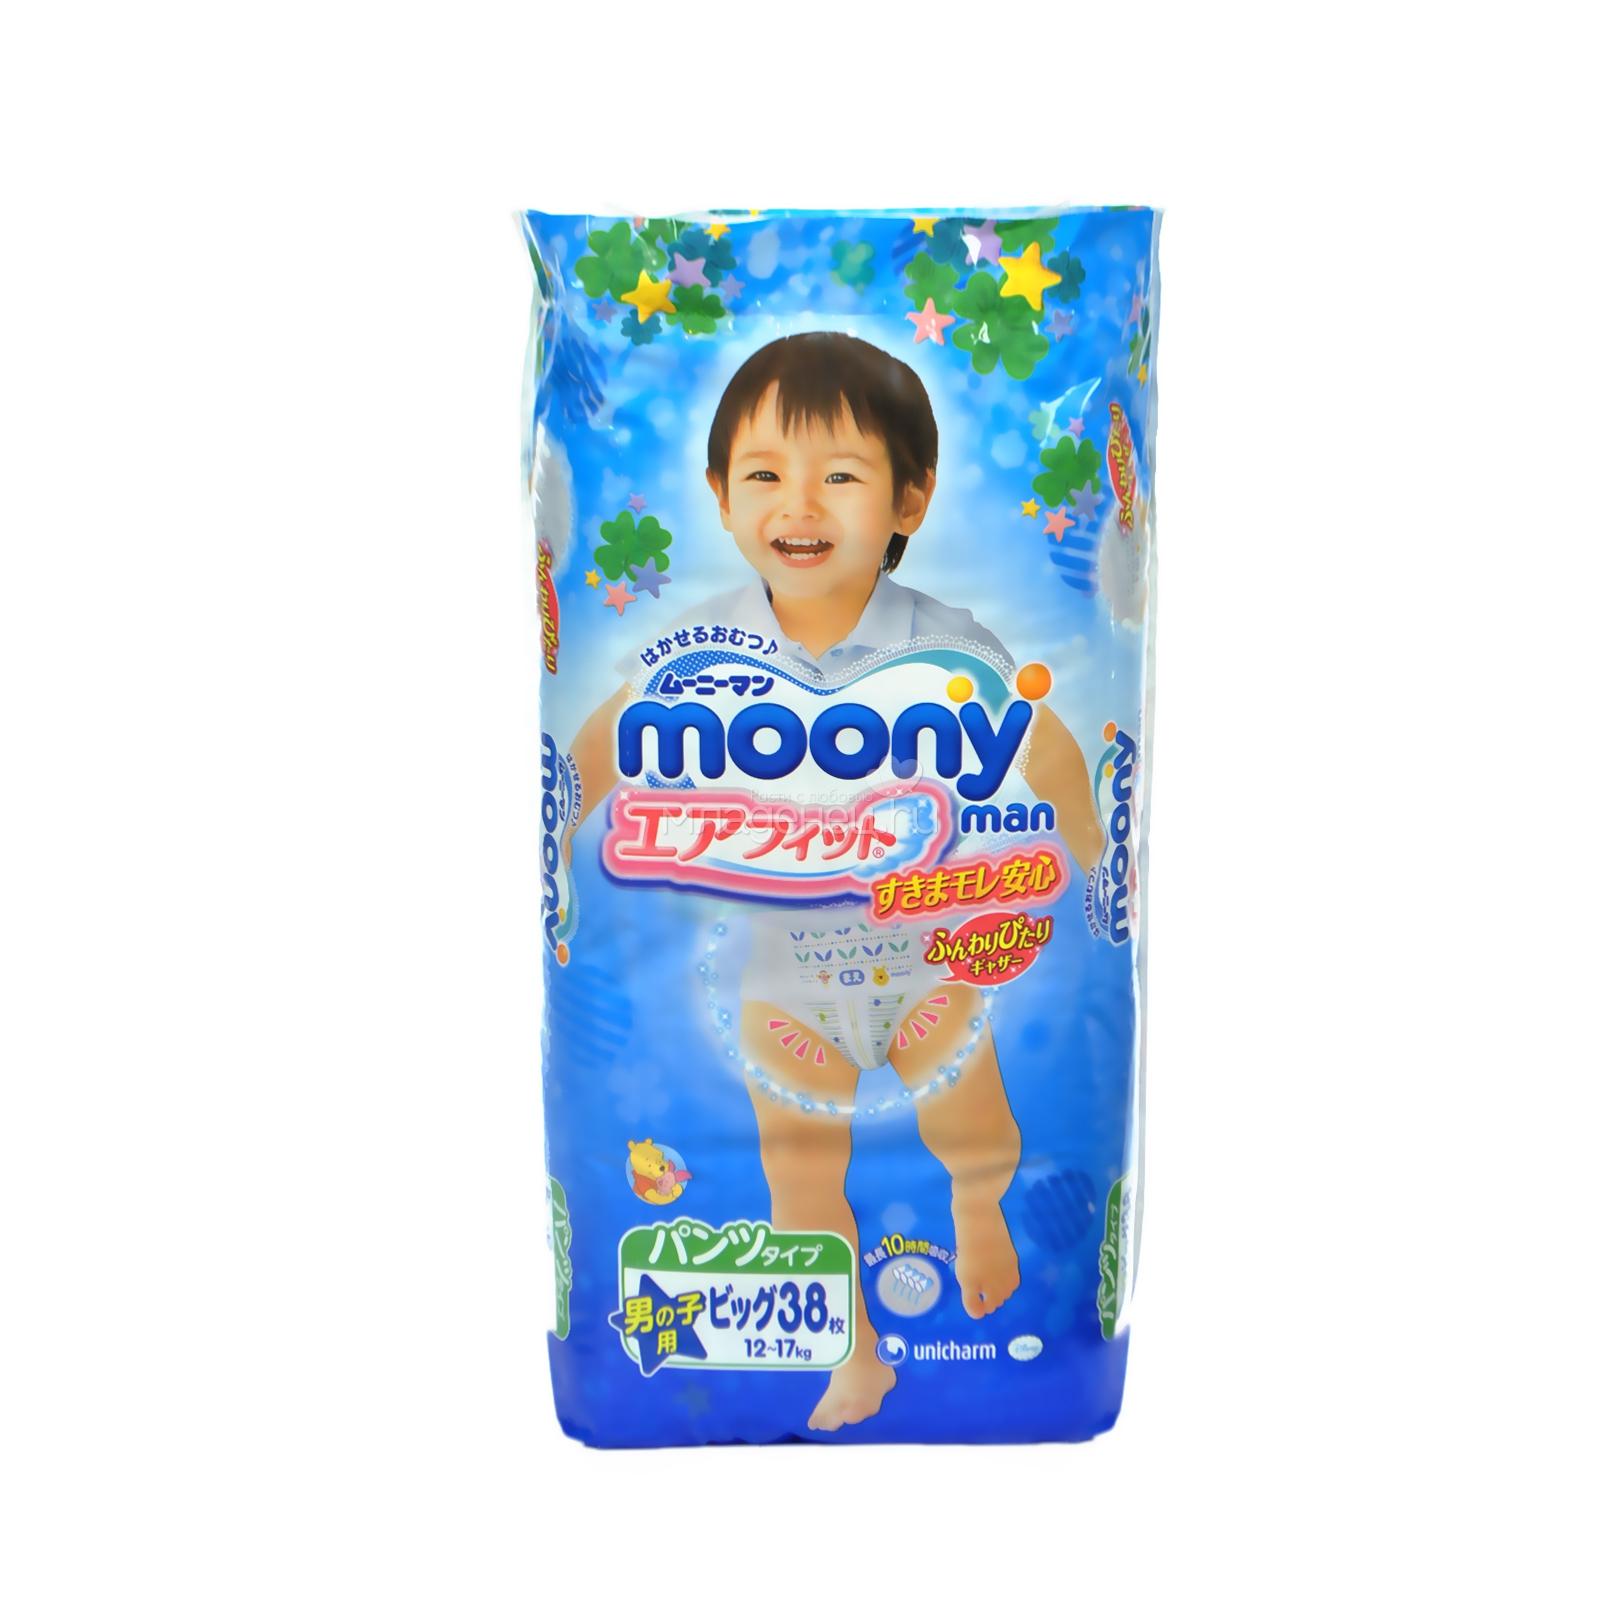 ��������� Moony ��� ��������� 12-17 �� (38 ��.) XL �������